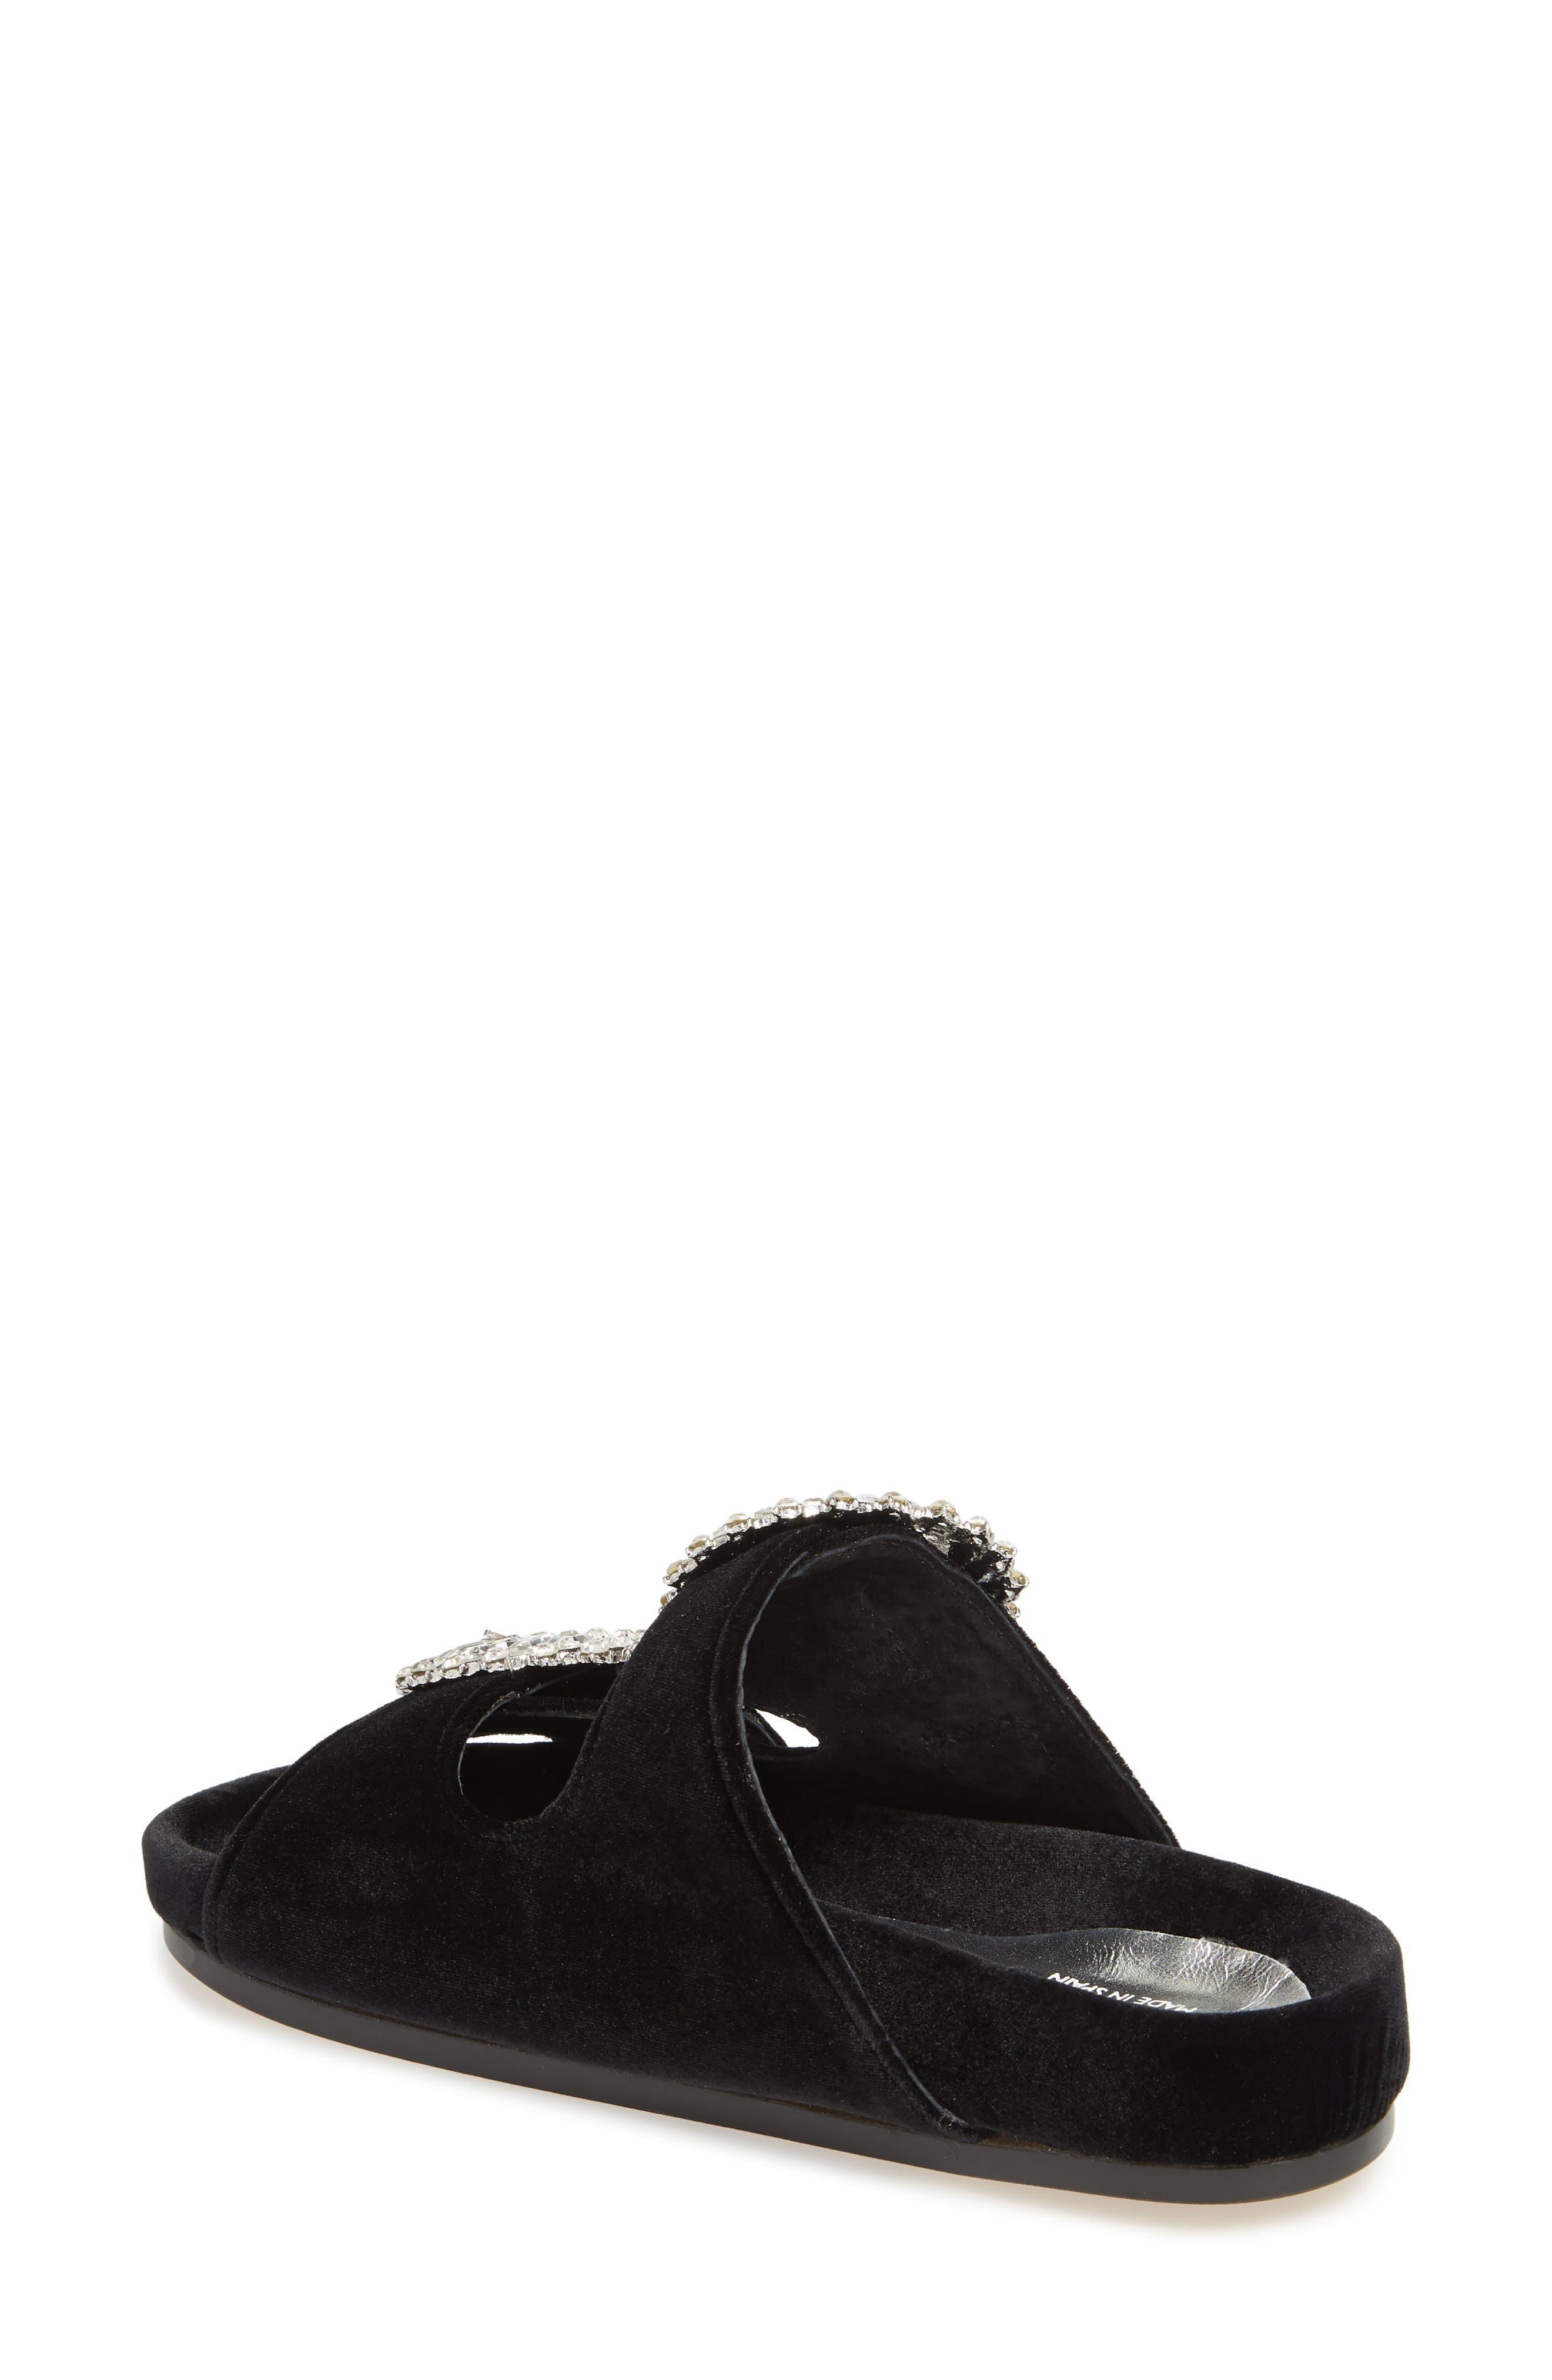 Izaro Embellished Slide Sandal,                             Alternate thumbnail 2, color,                             Black Velvet/ Silver